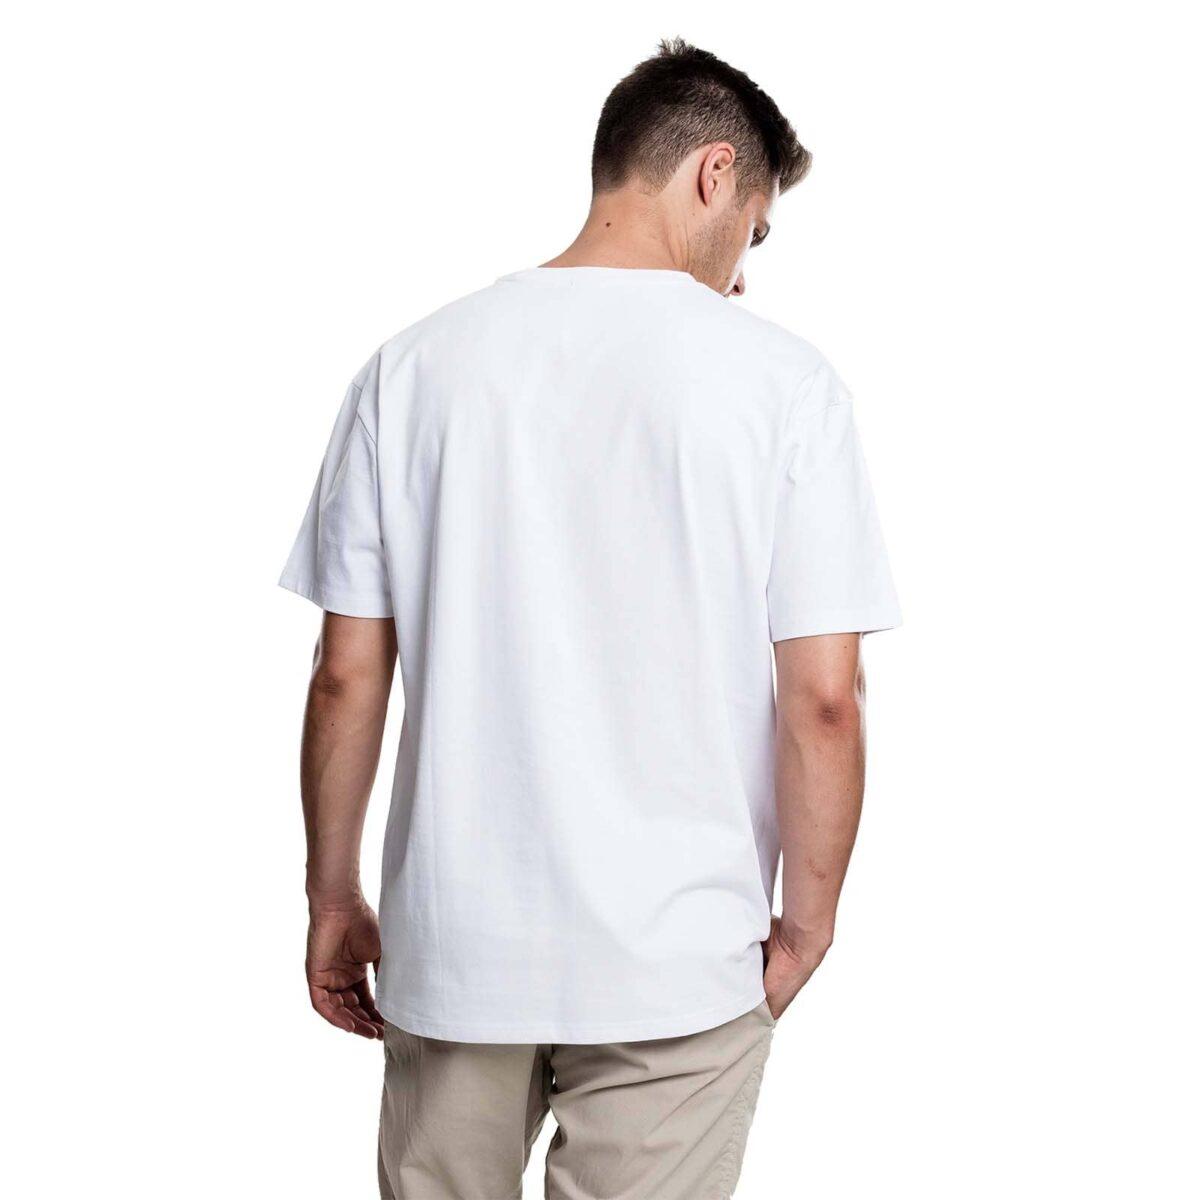 tarrzz-tasarim-beyaz-oversize-bol-kesim-erkek-tisort-arka